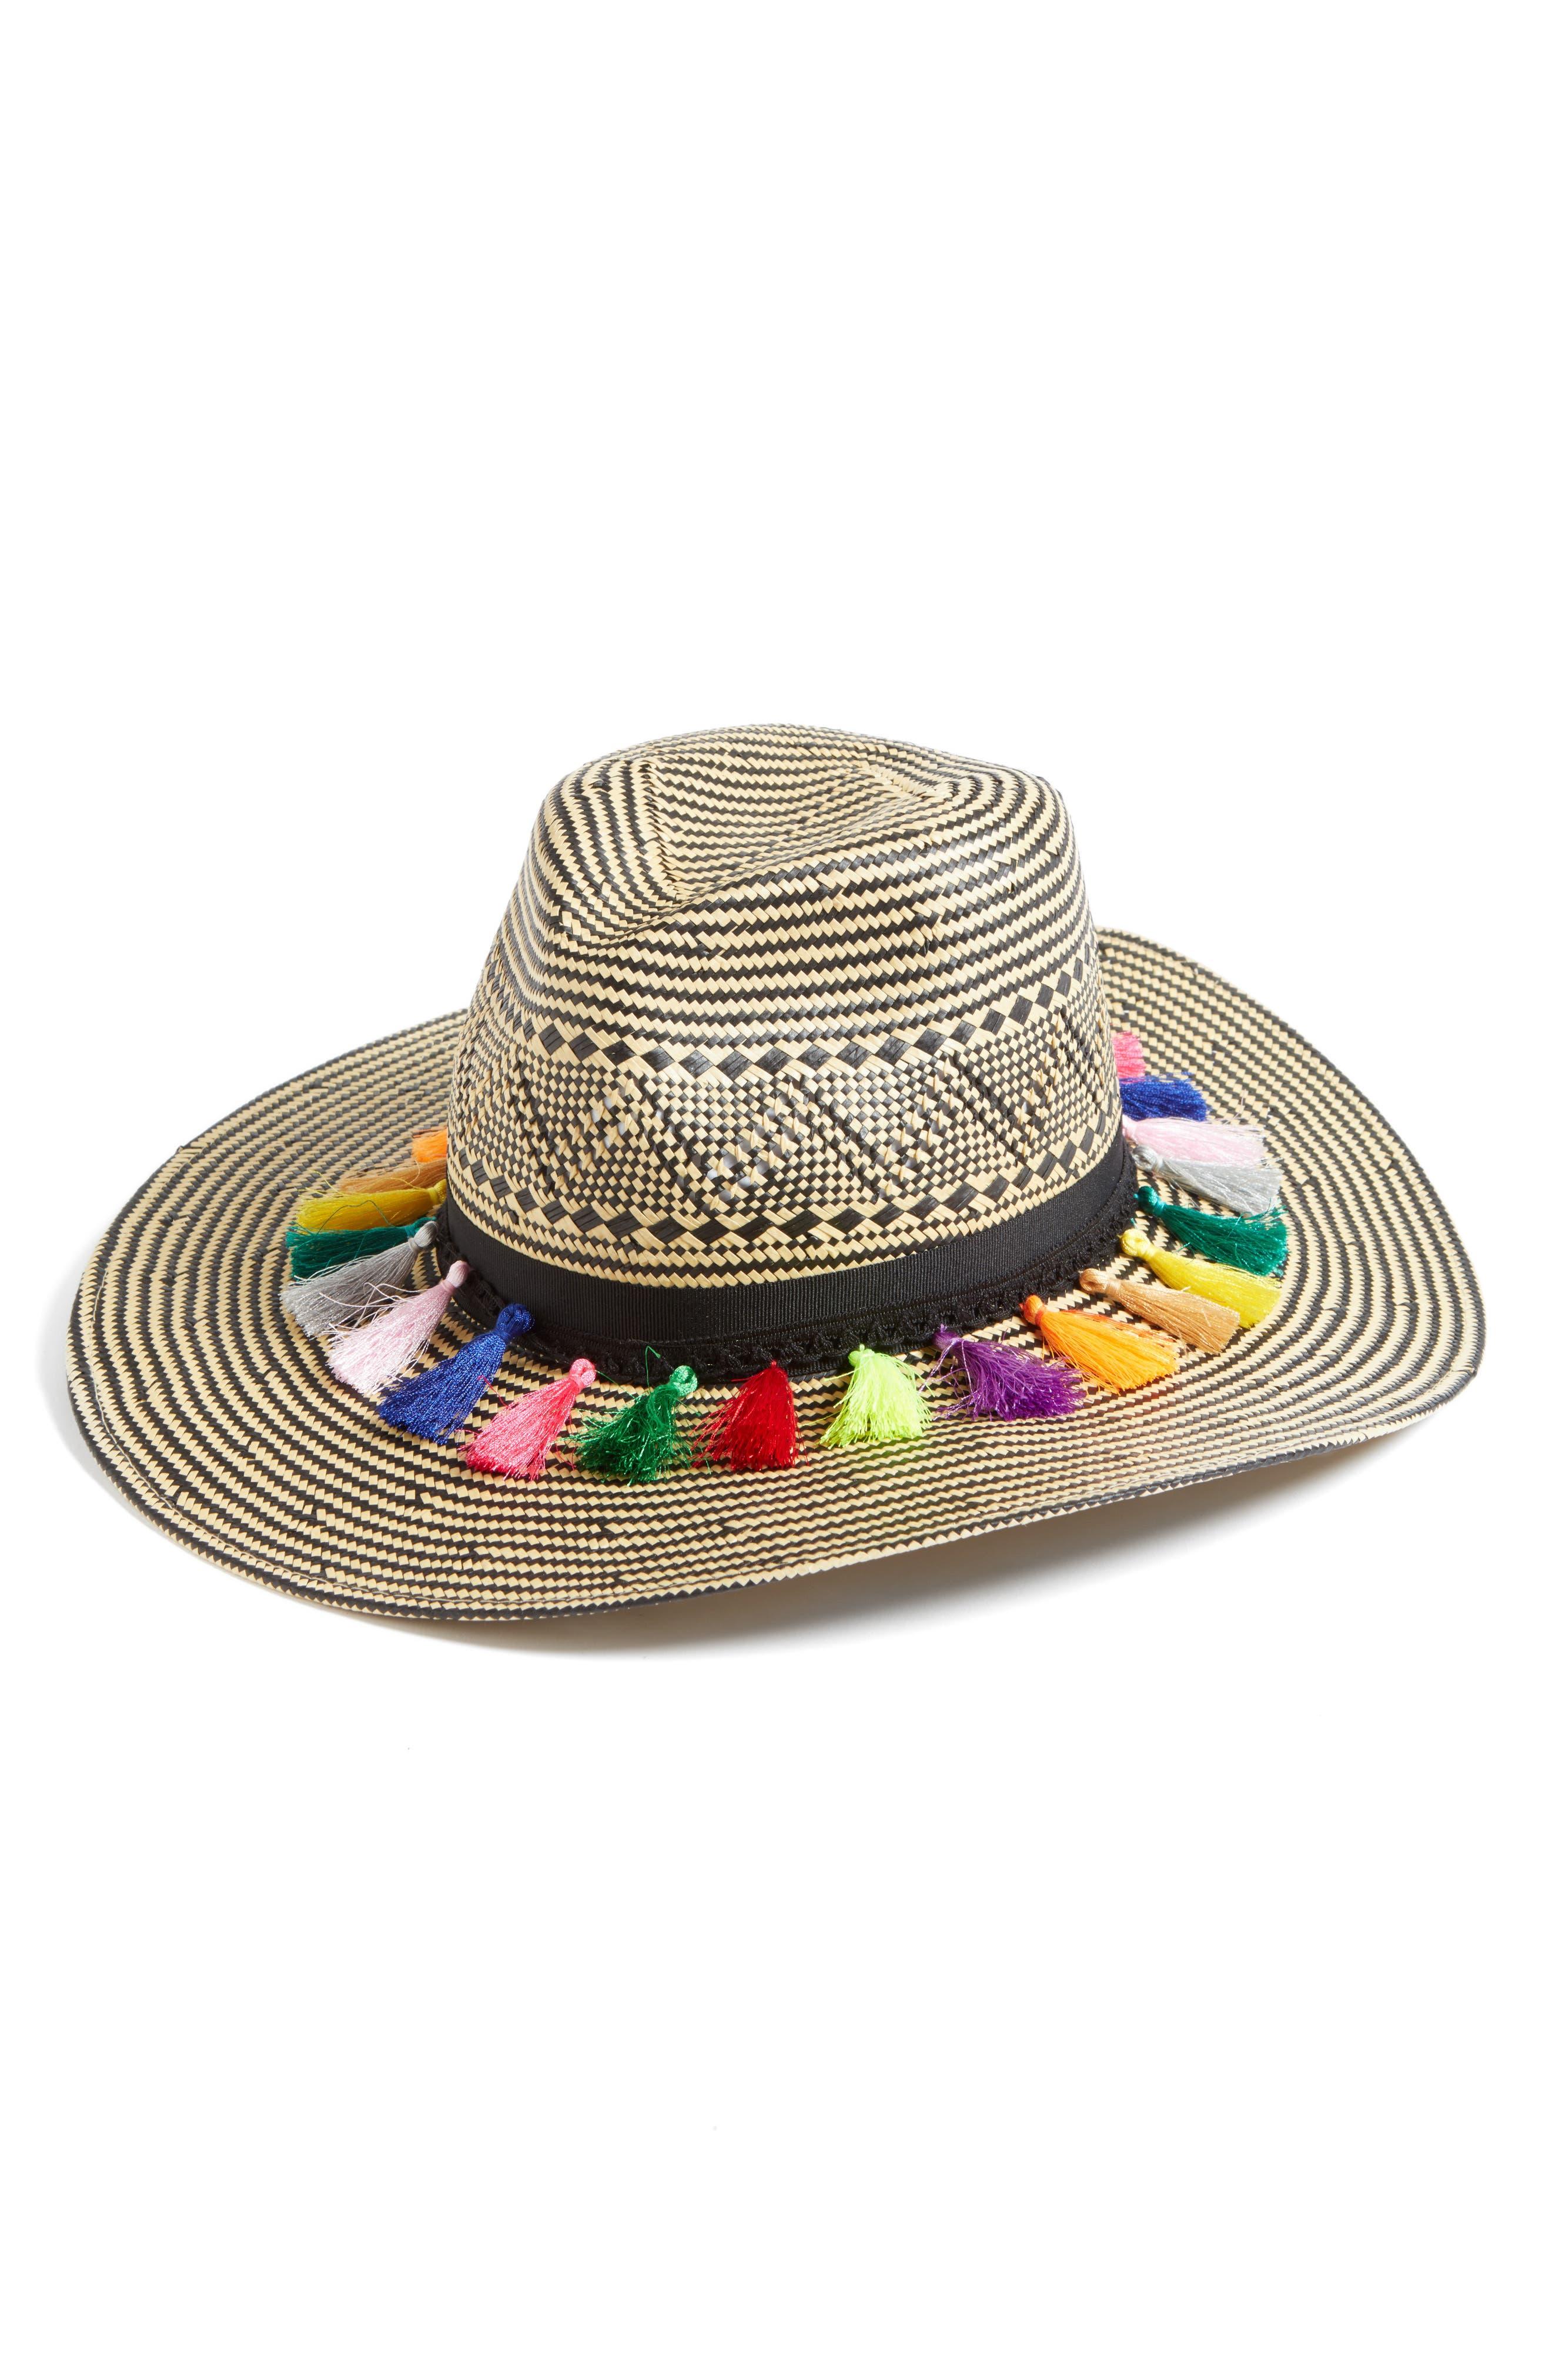 Brooklyn Hat Co Playa Tassel Woven Safari Hat